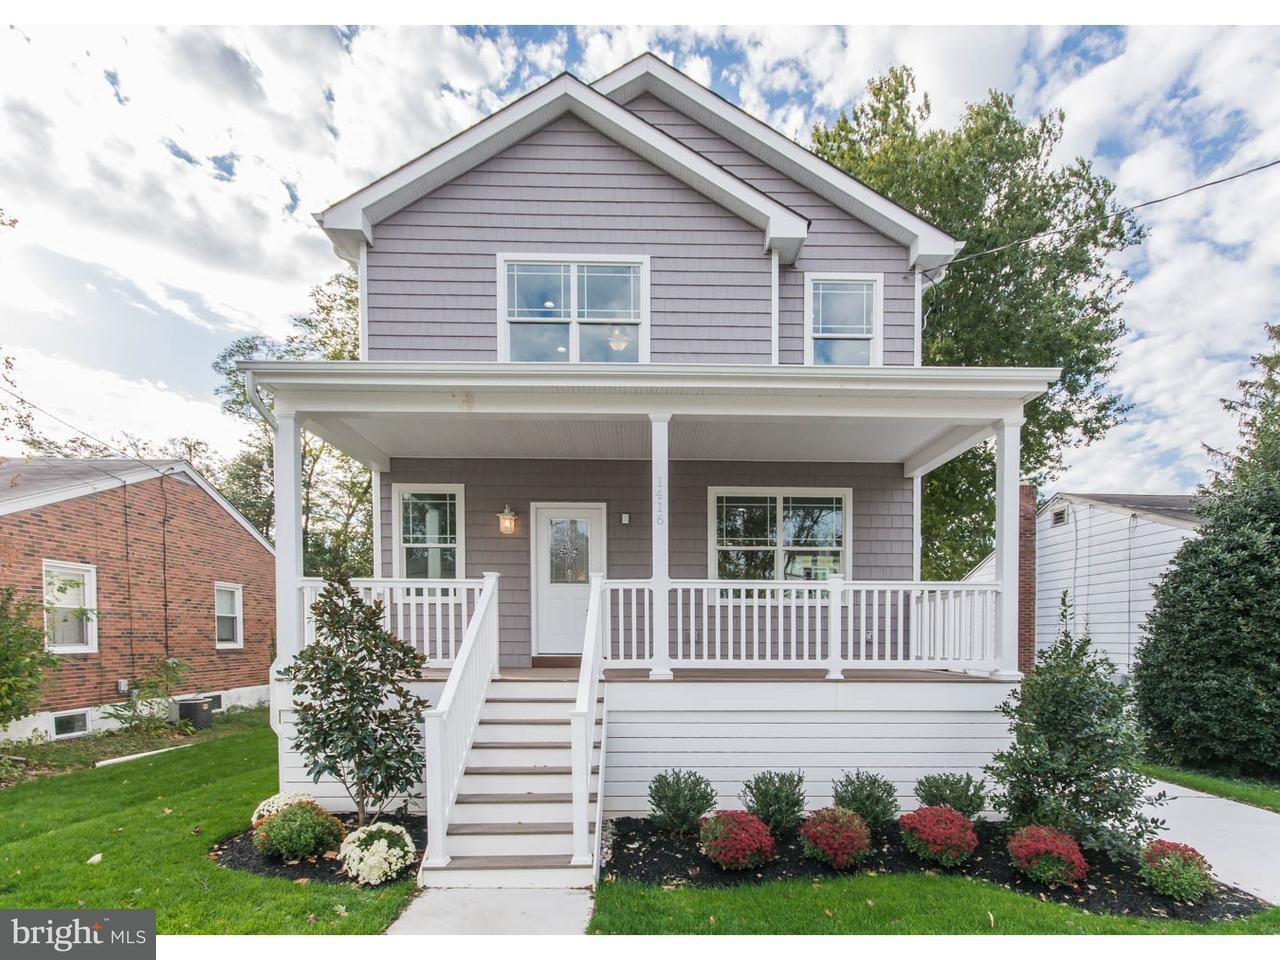 Casa Unifamiliar por un Venta en 1416 SYCAMORE Street Haddon Heights, Nueva Jersey 08035 Estados Unidos